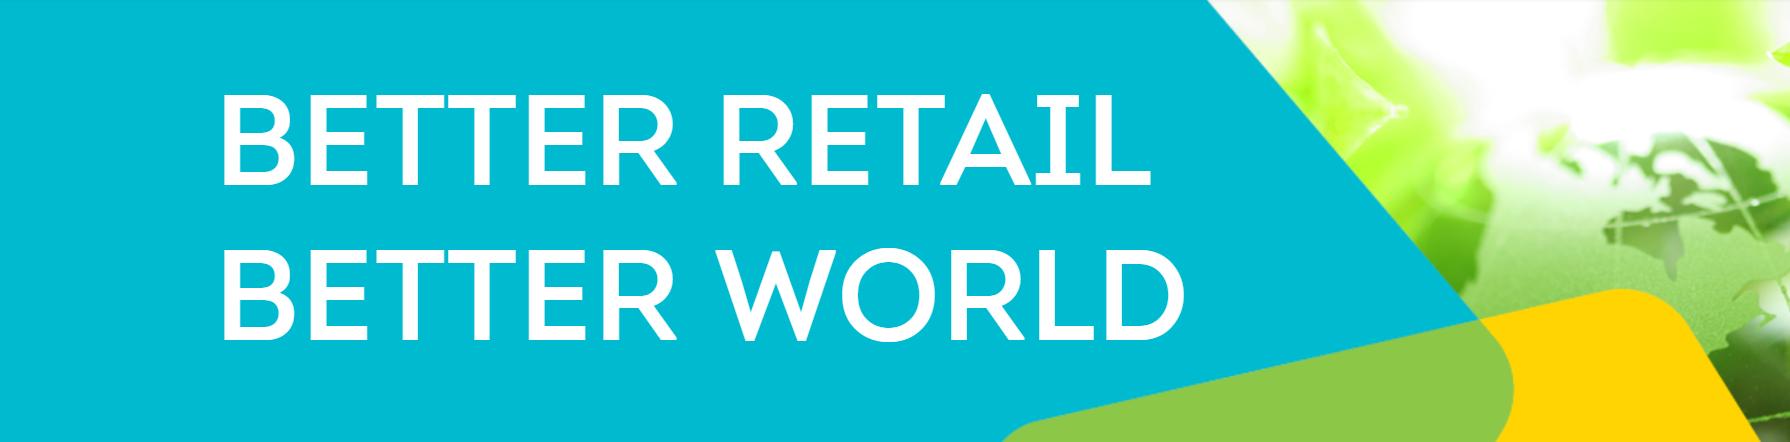 Better Retail, Better World